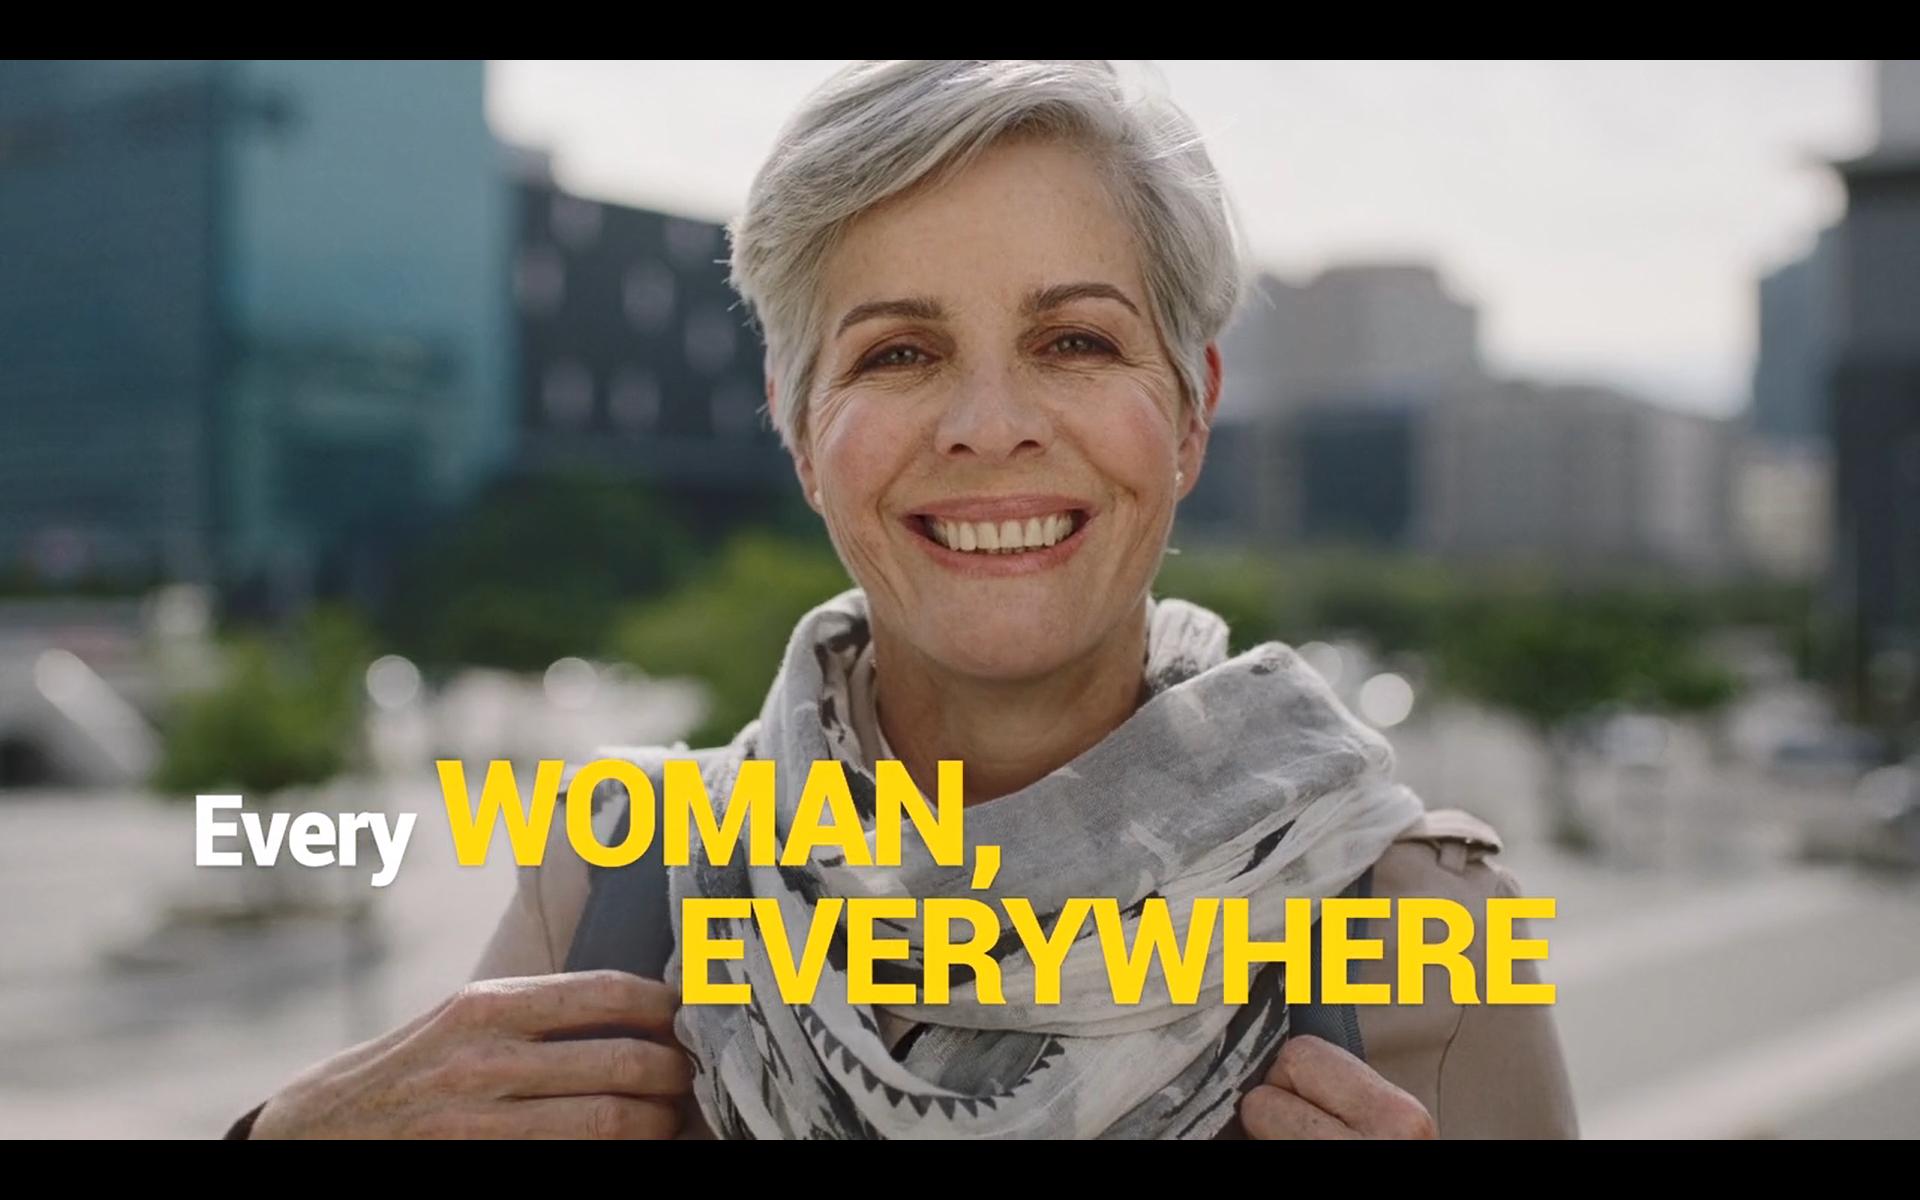 A better world for women